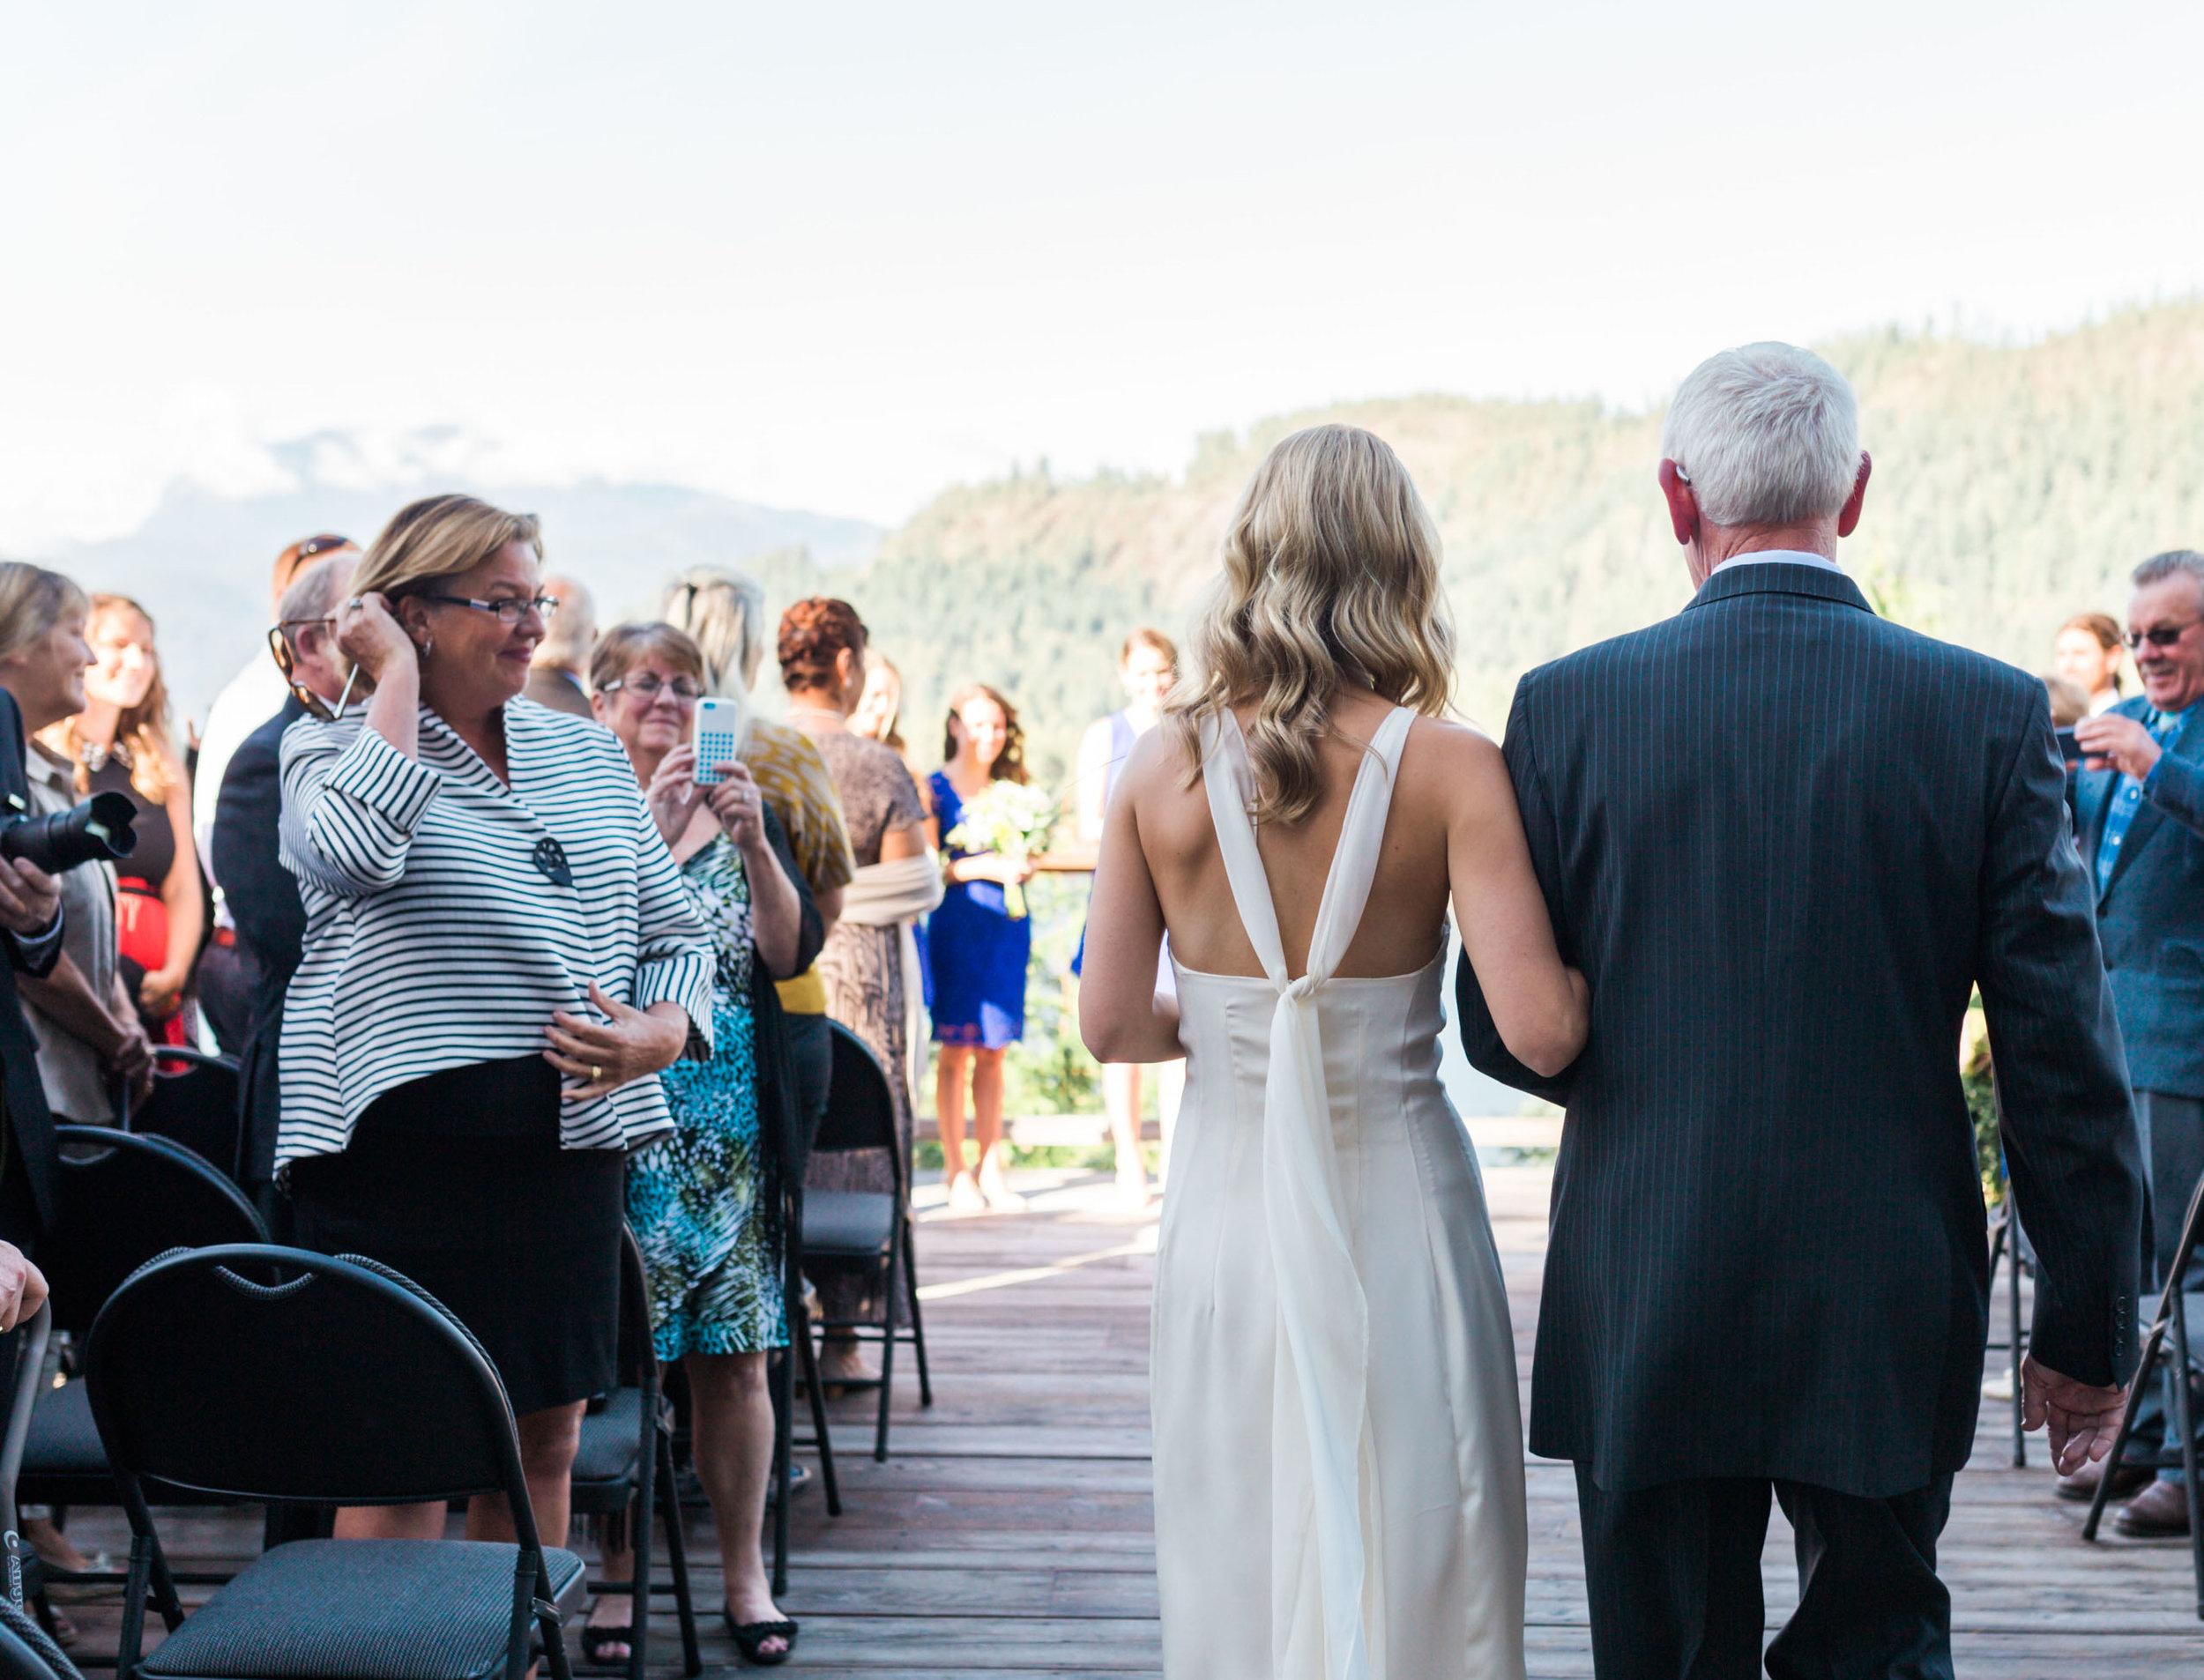 Sunshine Coast Wedding Photographer - Vancouver Wedding Photographer - West Coast Wilderness Lodge Wedding - Jennifer Picard Photography - IMG_6675.jpg